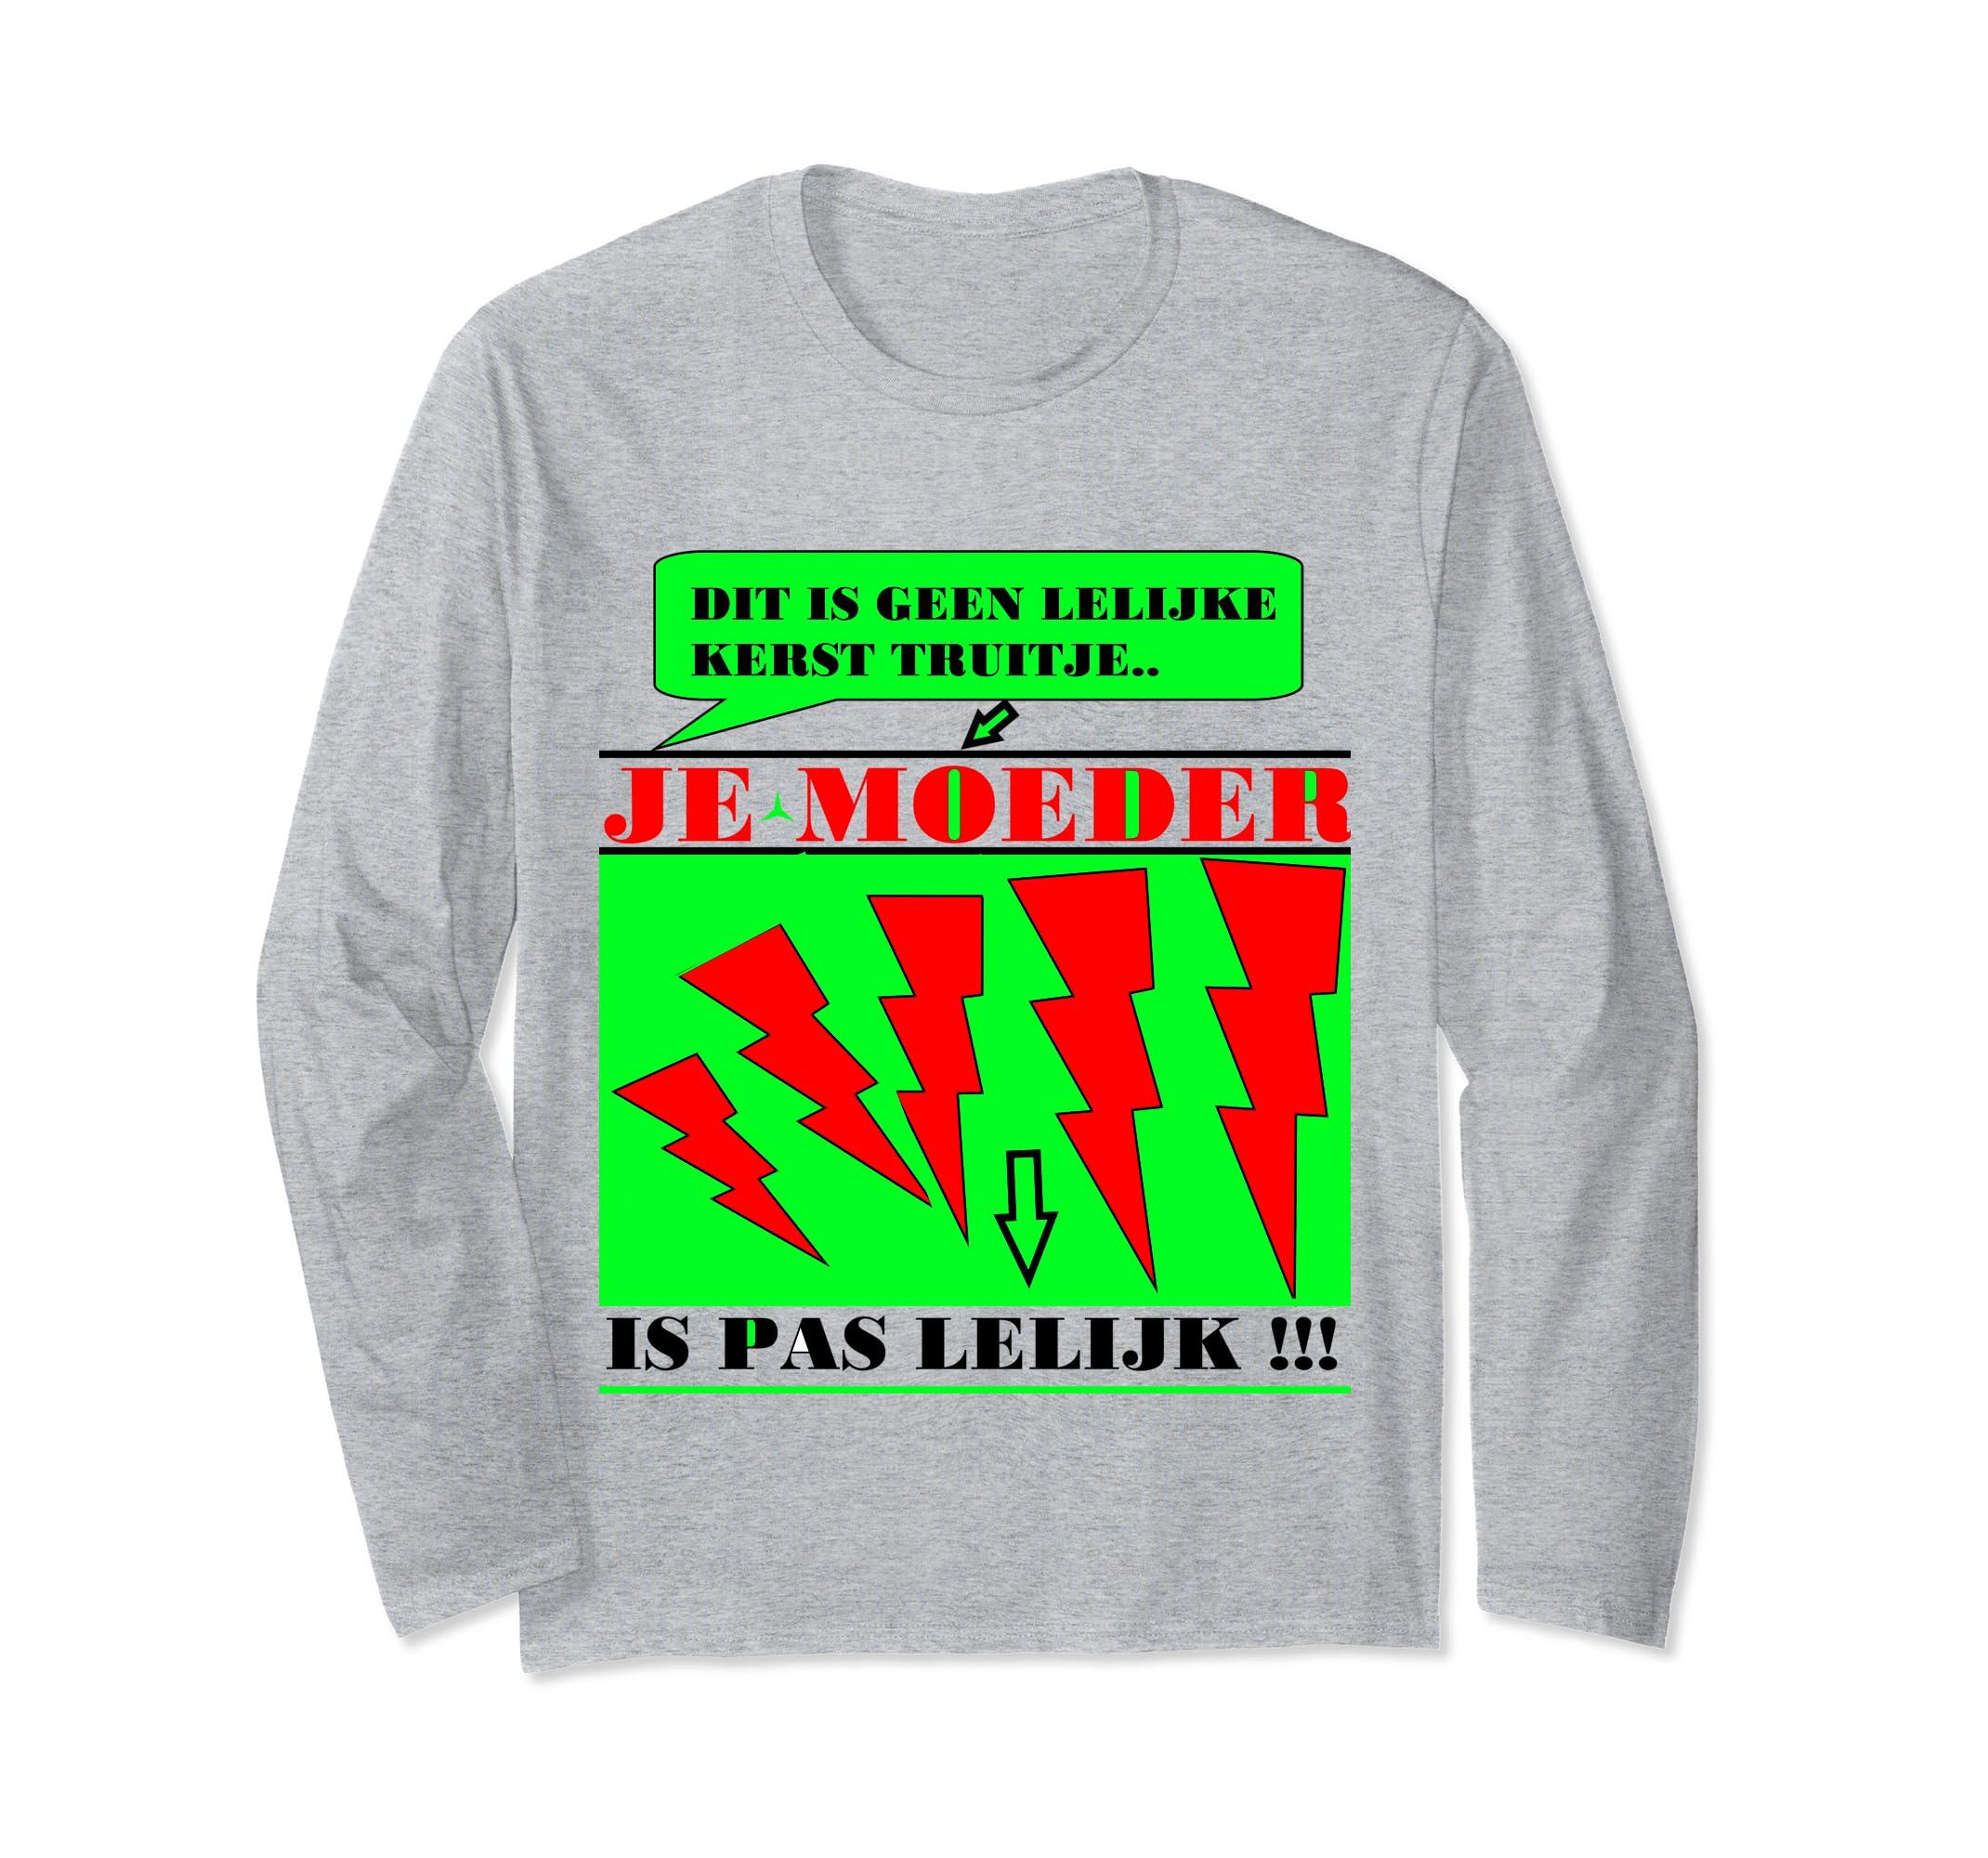 Unisex Kersttrui.Amazon Com Grappige Kerst Trui Shirt Clothing